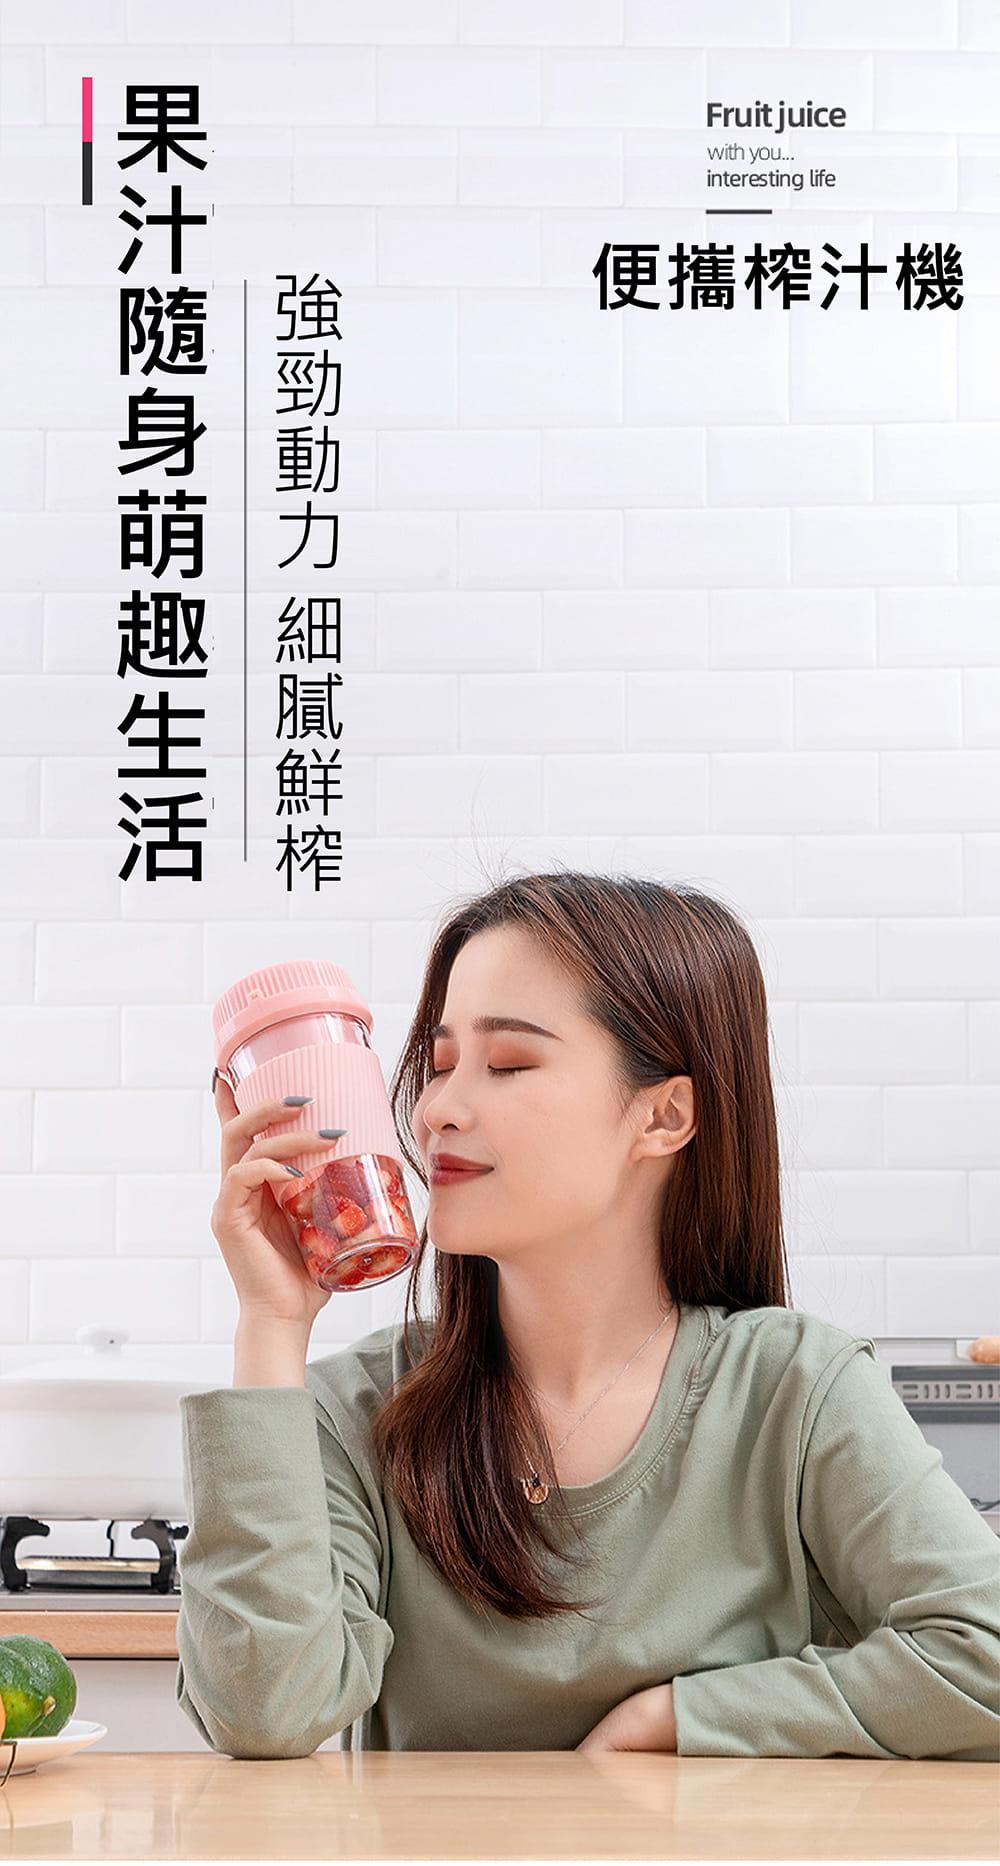 【英才星】隨身電動杯裝果汁榨汁機 1